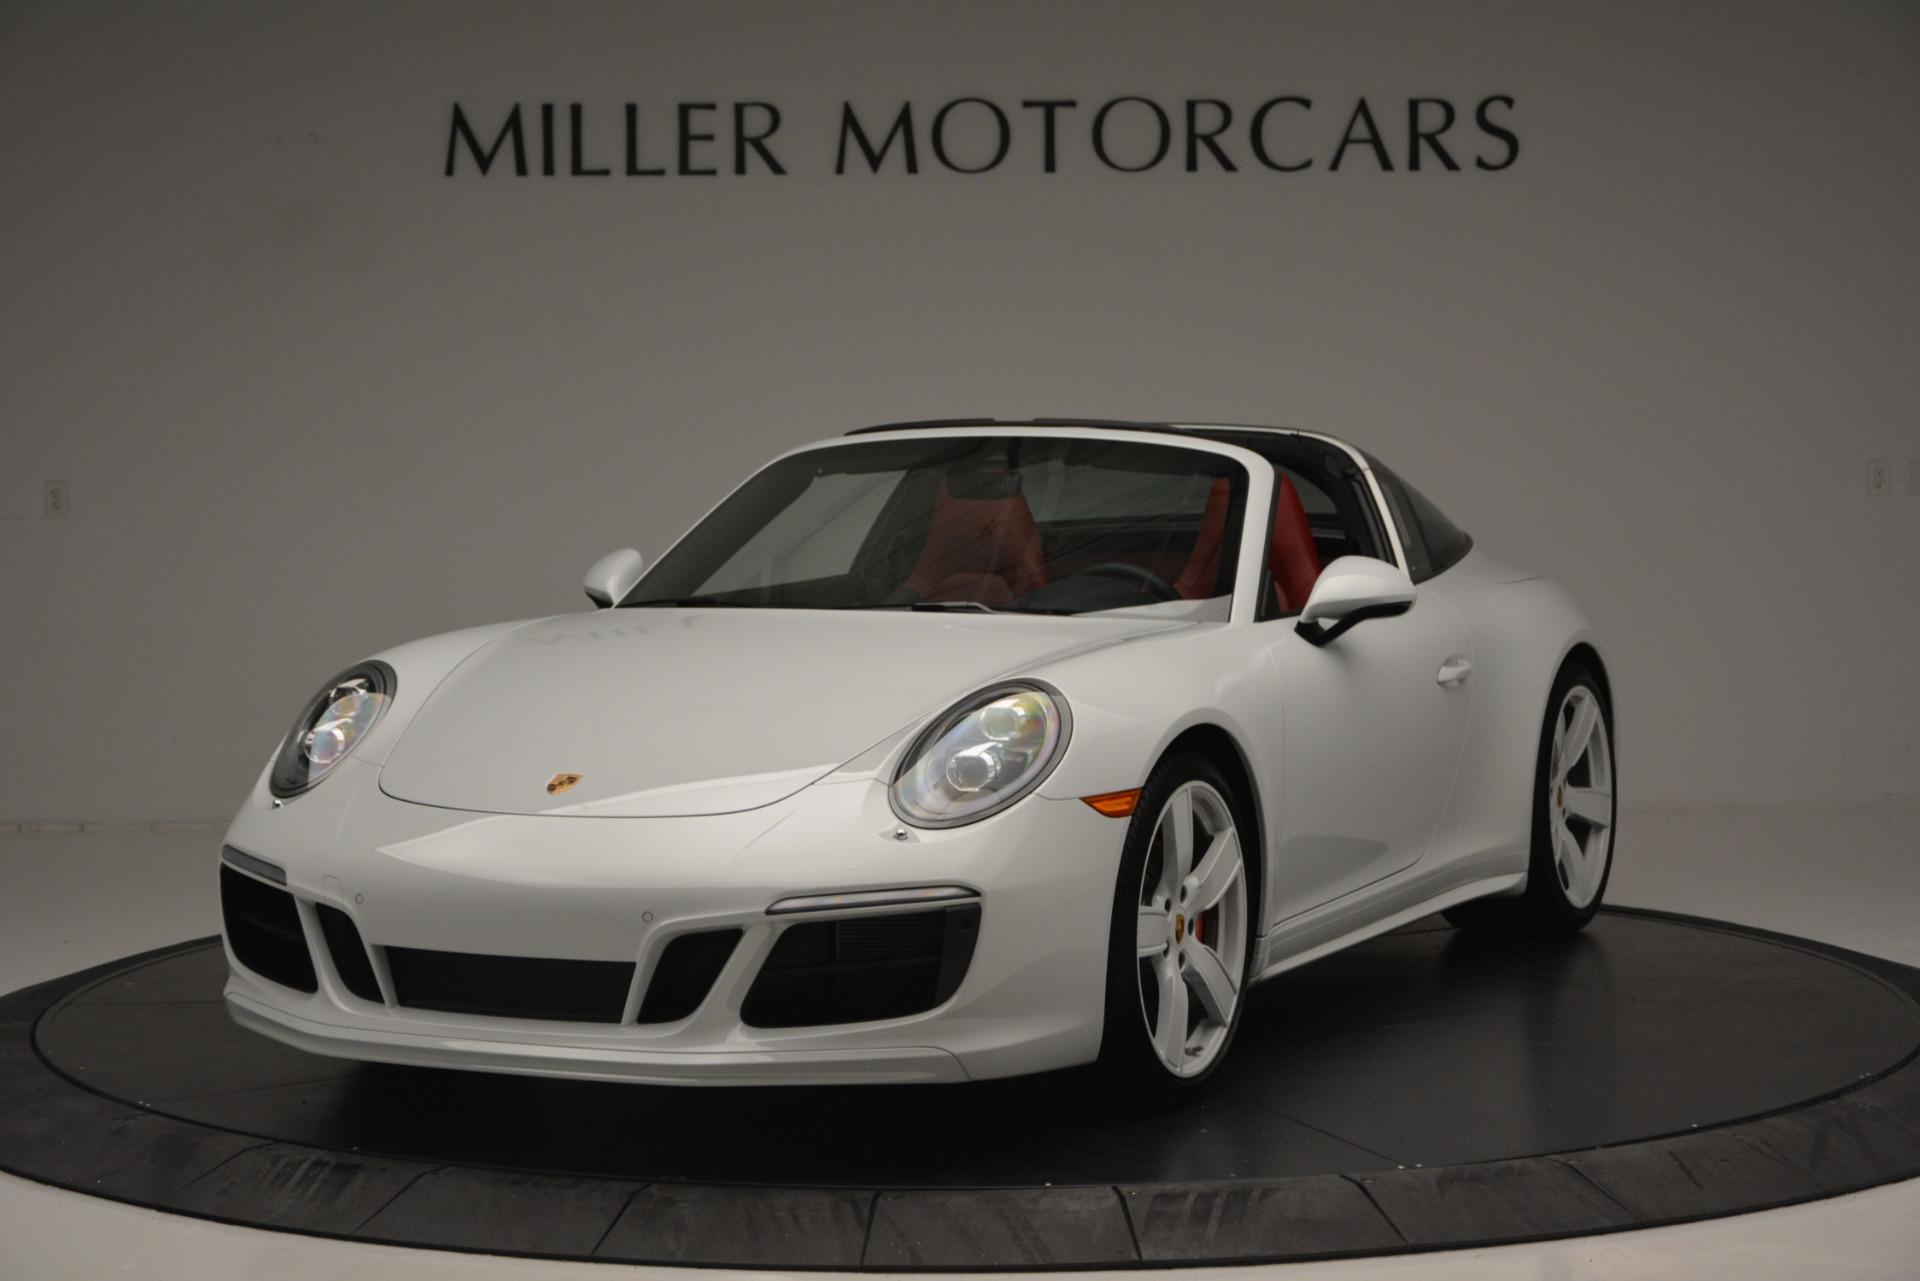 Used 2017 Porsche 911 Targa 4S For Sale In Greenwich, CT. Alfa Romeo of Greenwich, 7433 2593_main